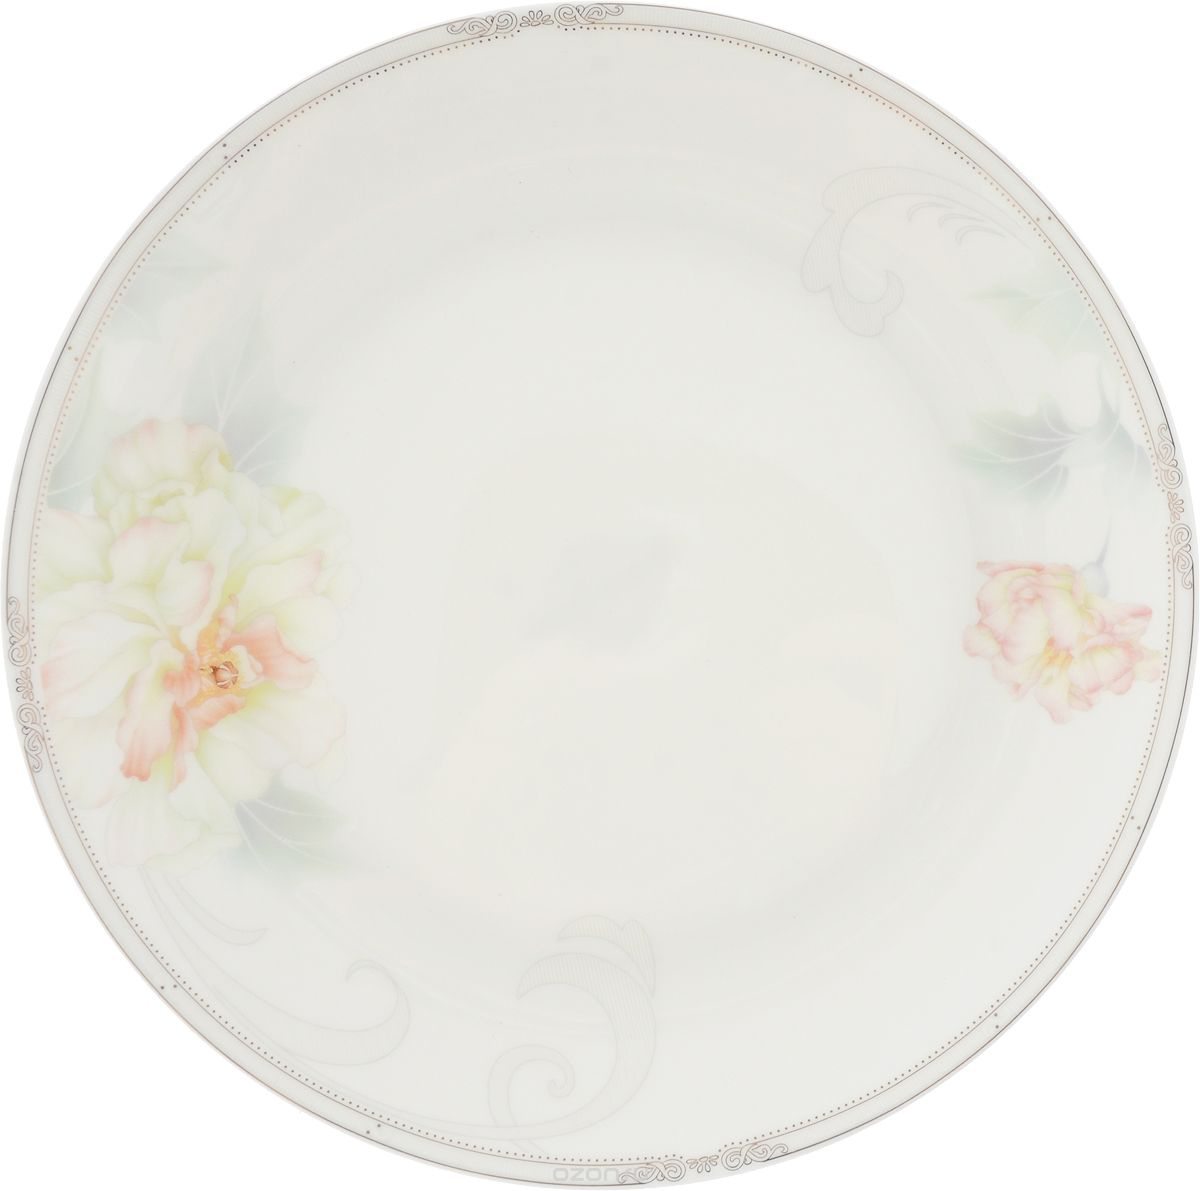 Тарелка плоская Royal Aurel Акварель, диаметр 25 см629/1Фарфор Royal Aurel отличается исключительной белизной, что объясняется уникальнымикомпонентами и традиционной технологией, по которой он был изготовлен. Белая глина изпровинции Фуцзянь и традиционные рецепты китайских мастеров создают неповторимуюкомпозицию. Материал: костяной фарфор.